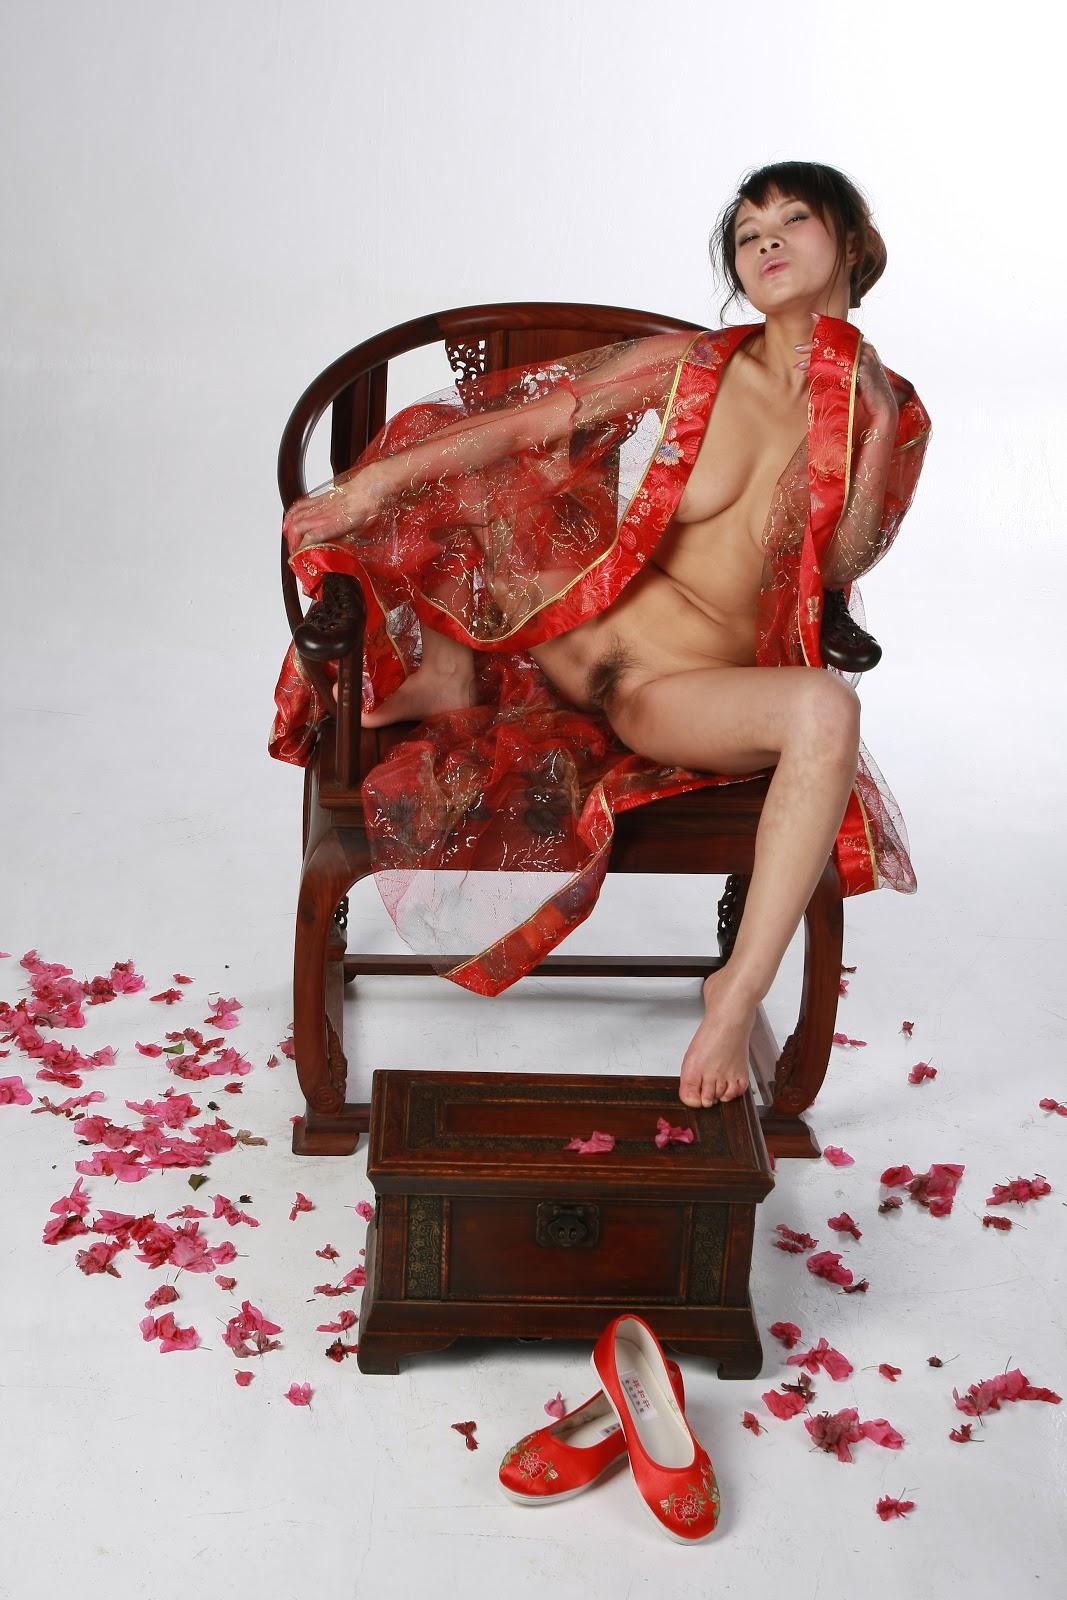 Chinese_Nude_Art_Photos_-_215_-_XiaoJia.rar.IMG_1811 Chinese Nude_Art_Photos_-_215_-_XiaoJia.rar chinese 07040